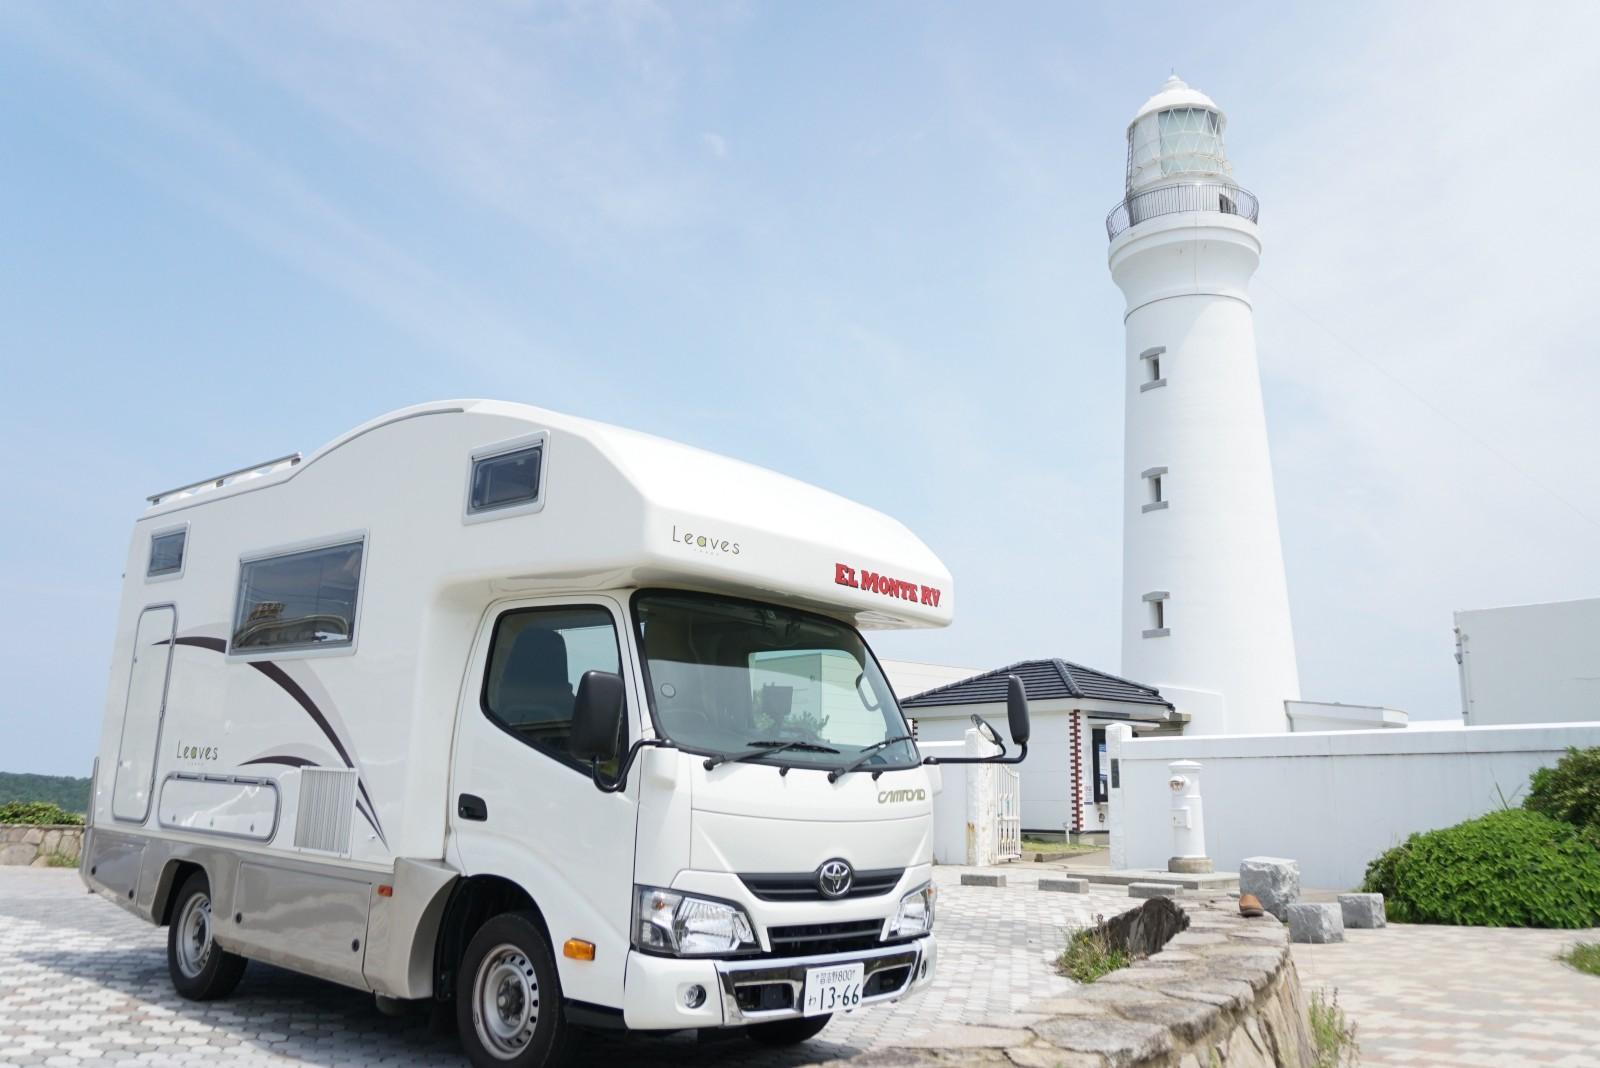 Campervan Trip from Tokyo: EL MONTE RV JAPAN